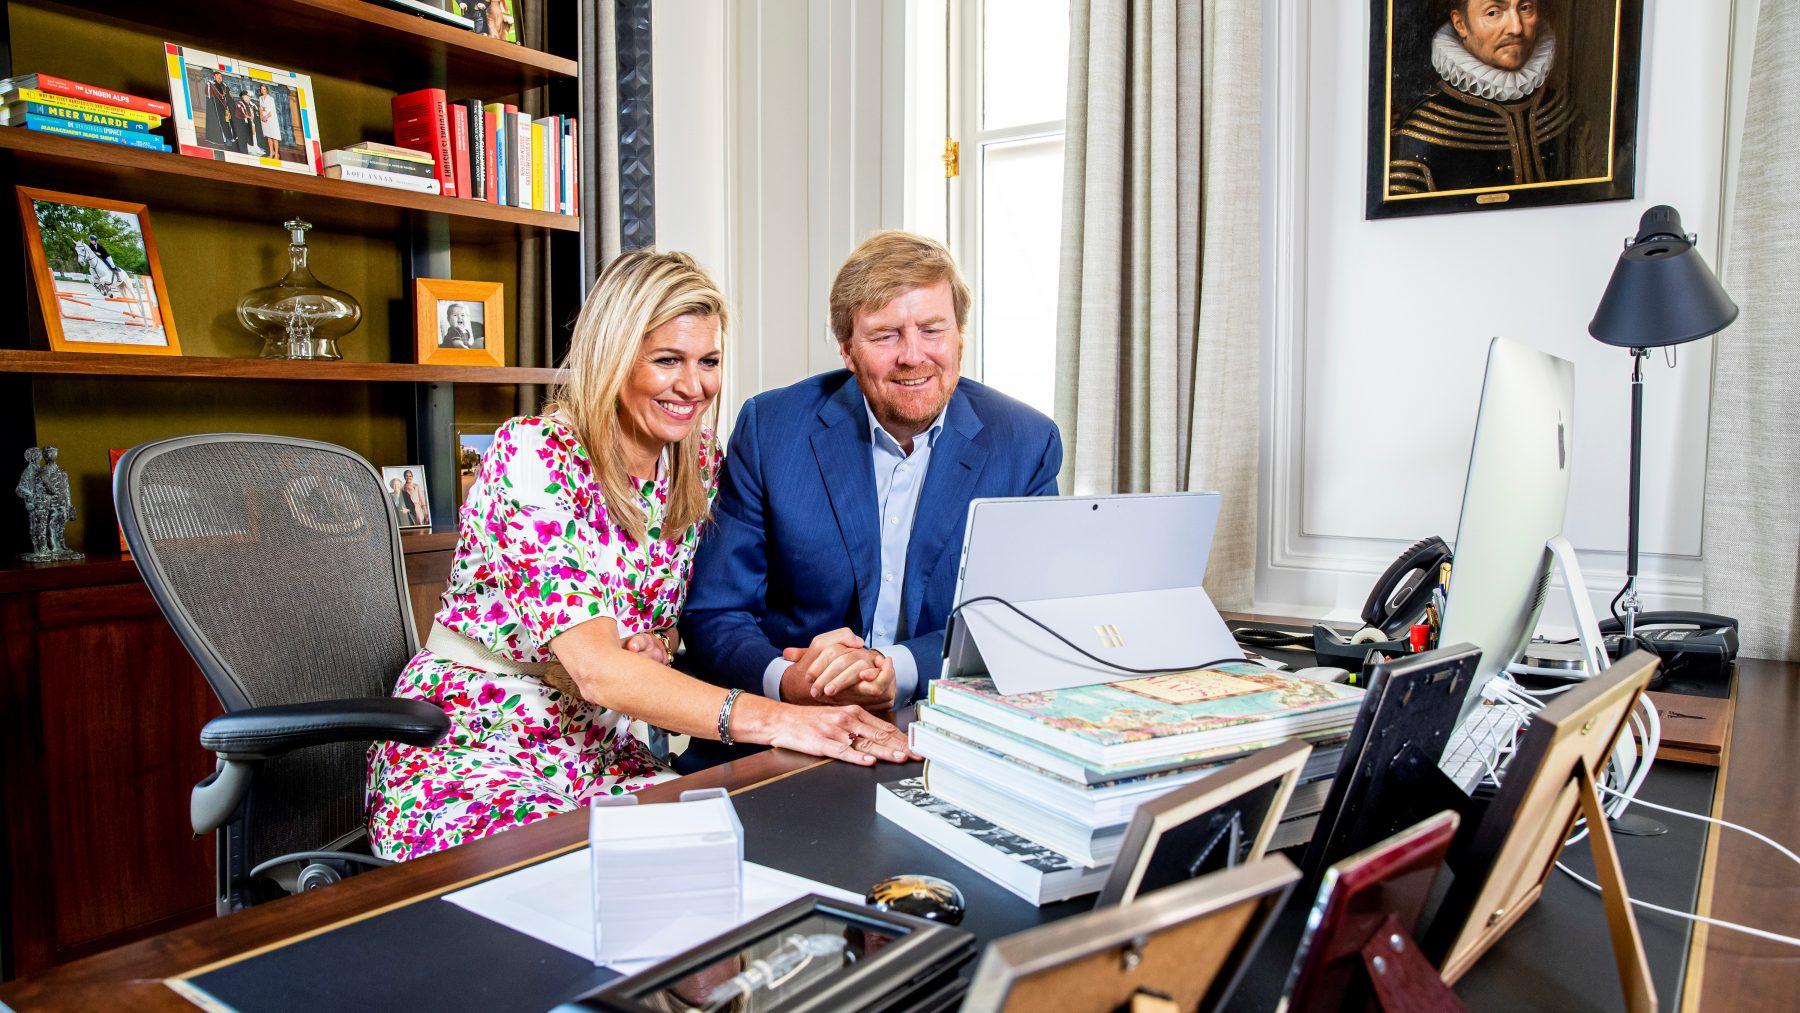 koning Willem-Alexander en Máxima feliciteren eindexamenleerlingen